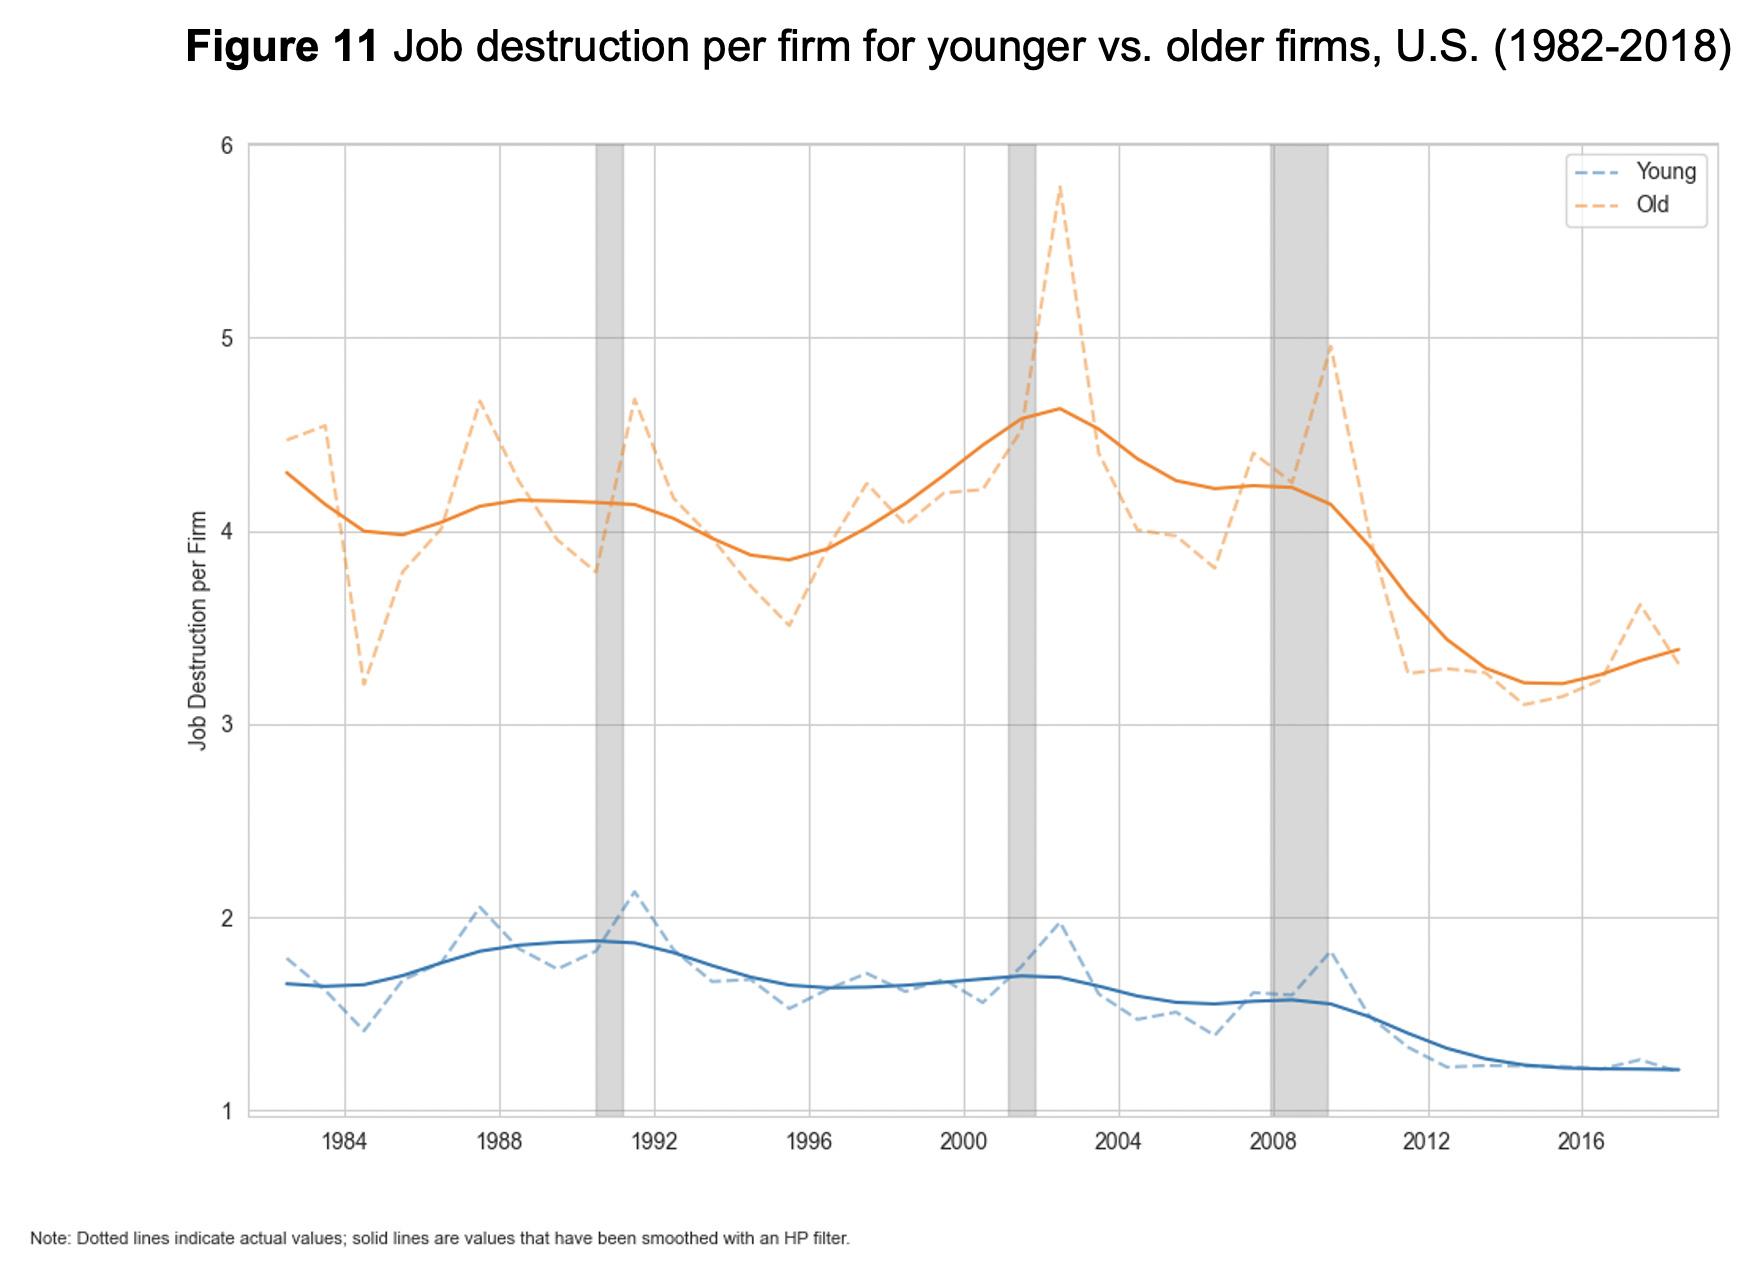 Figure 11: Job destruction per firm for younger vs. older firms, U.S. (1982-2018)